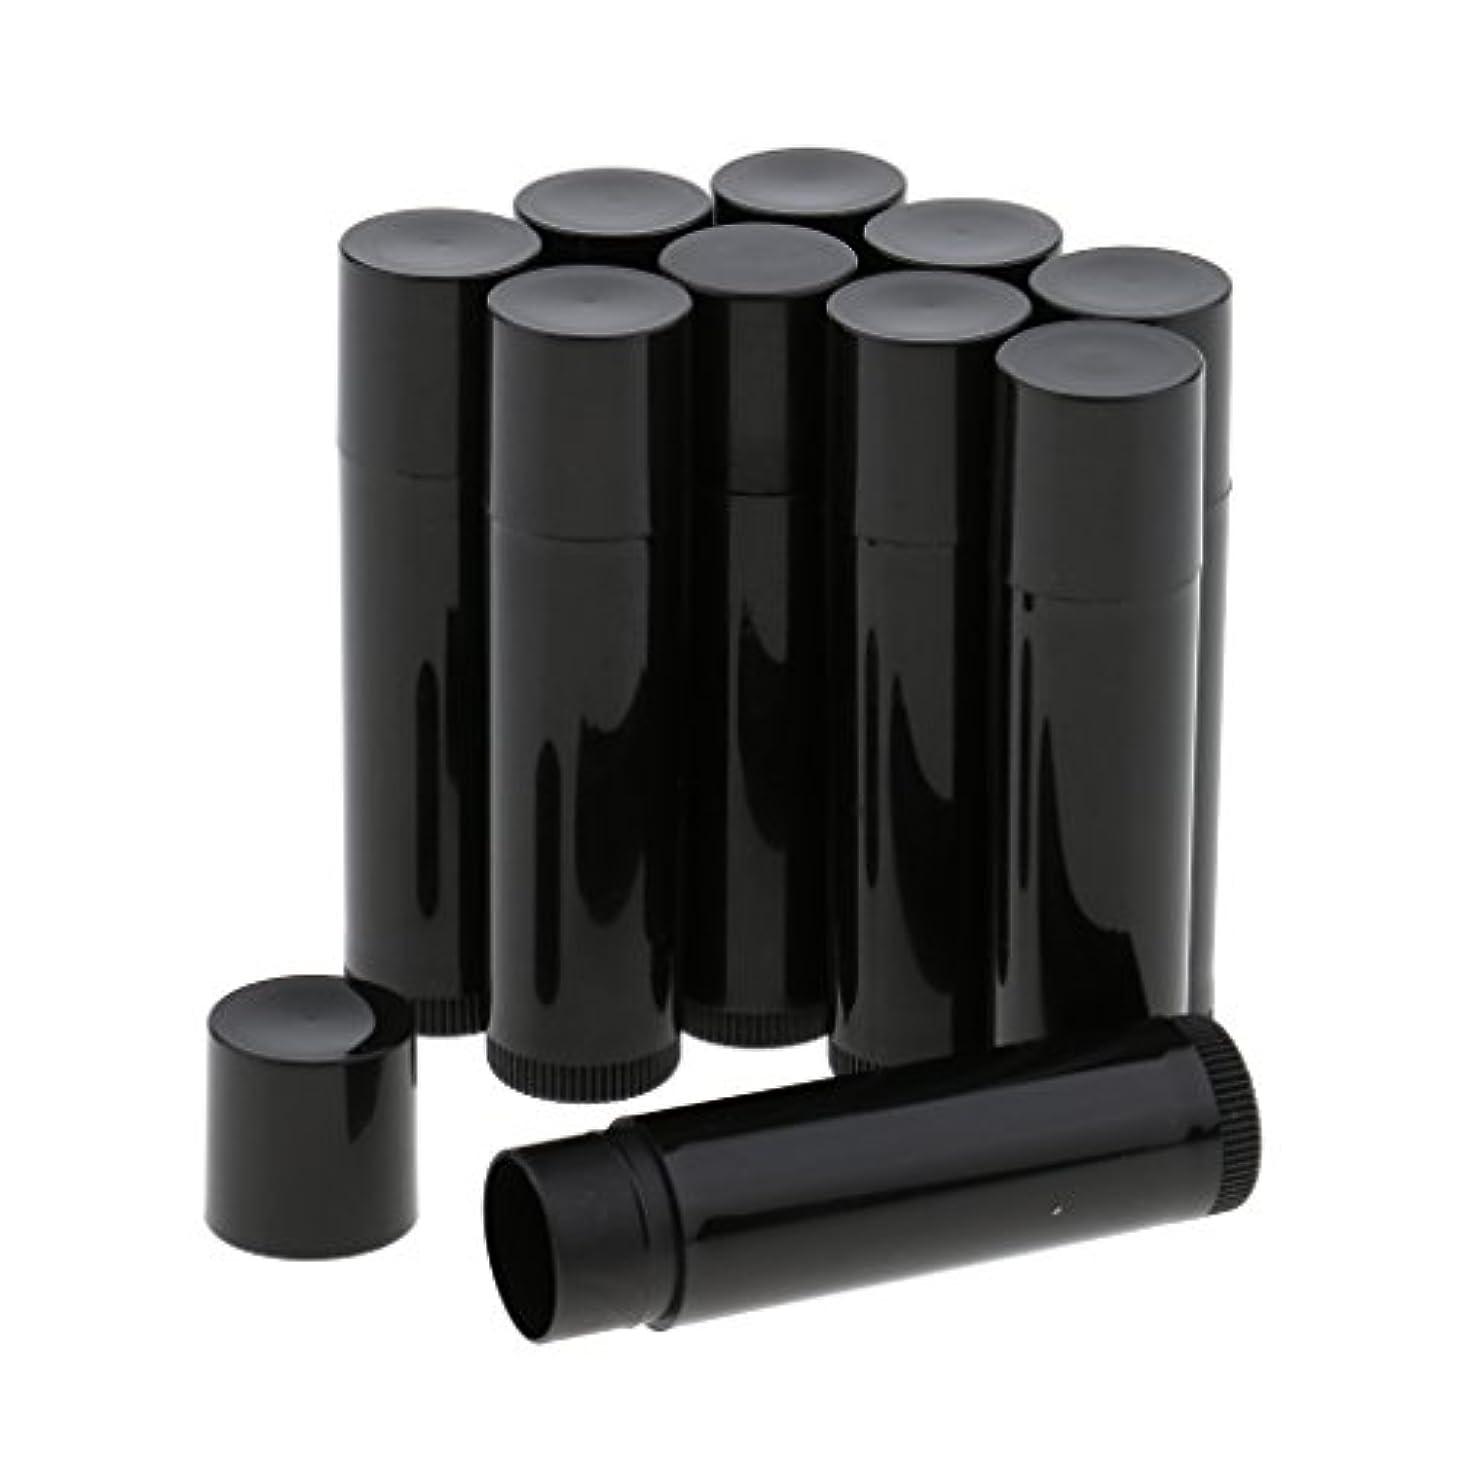 大破反射荒涼としたBaosity 10個 空ボトル チューブ 化粧品 コスメ DIY 詰替え 便利 3色選べ - ブラック